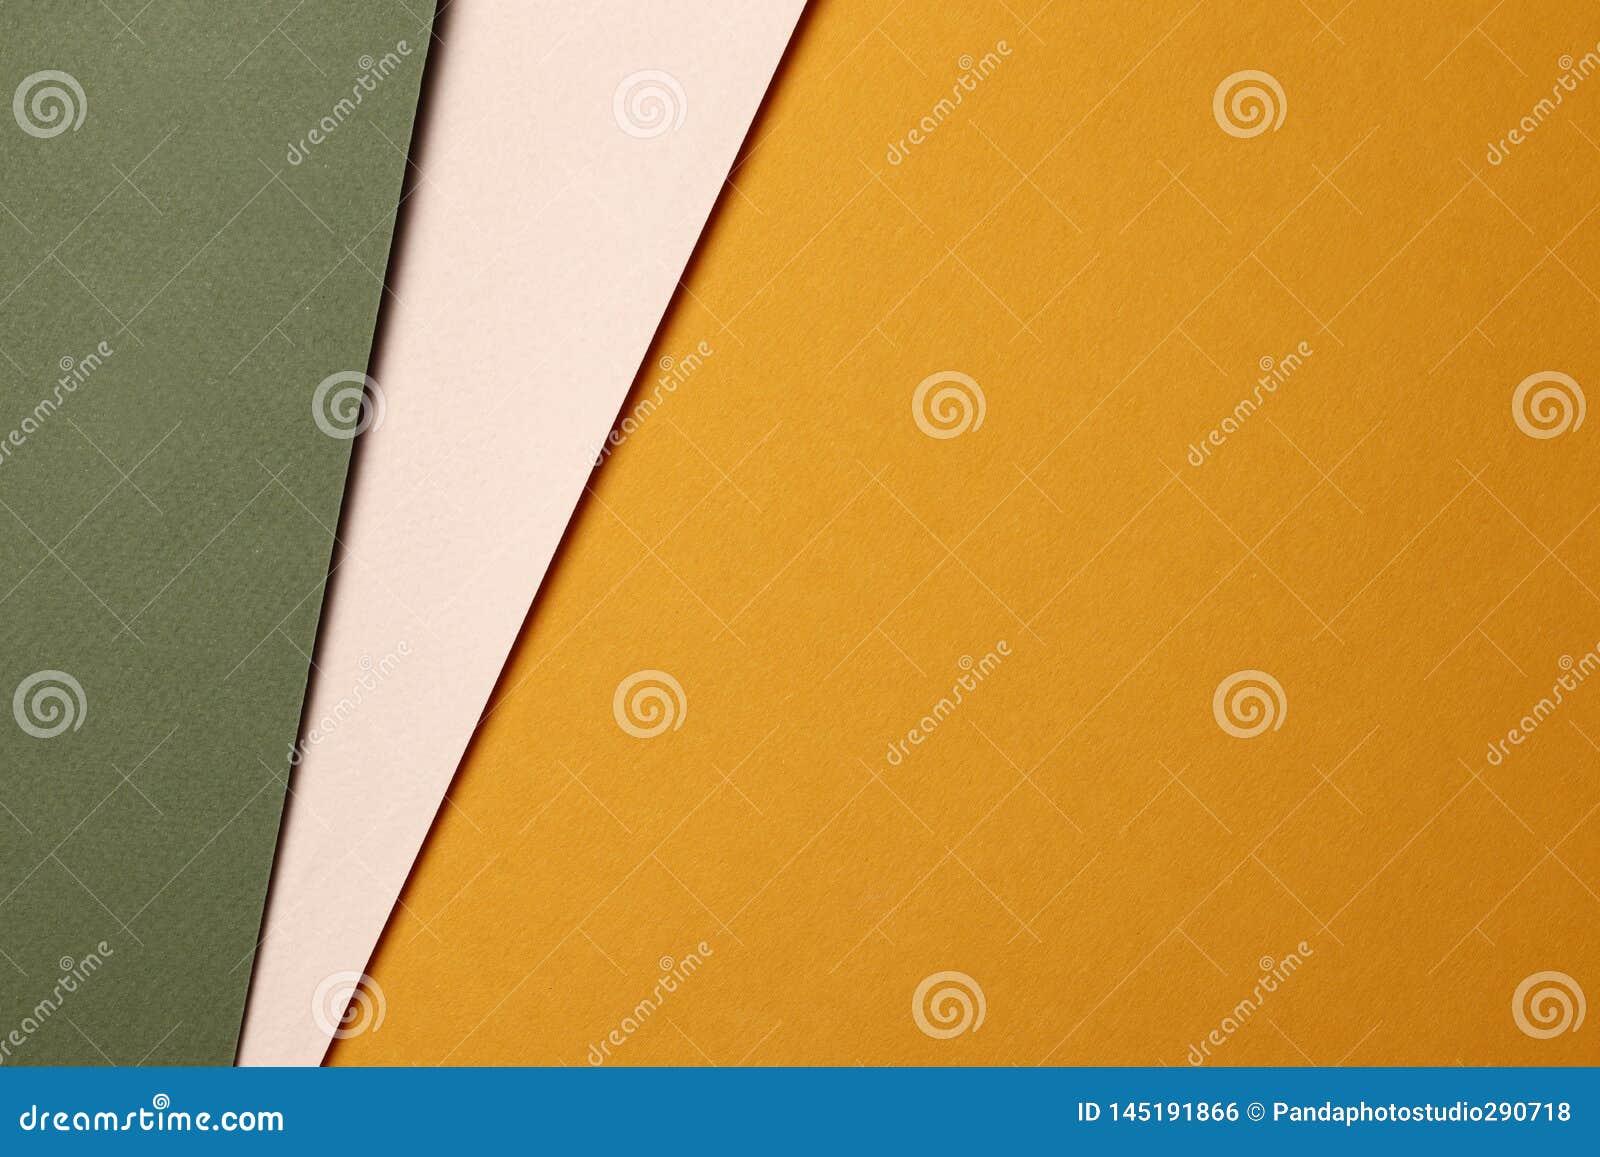 Φωτεινό πορτοκαλί και πράσινο αφηρημένο κενό υπόβαθρο εγγράφου